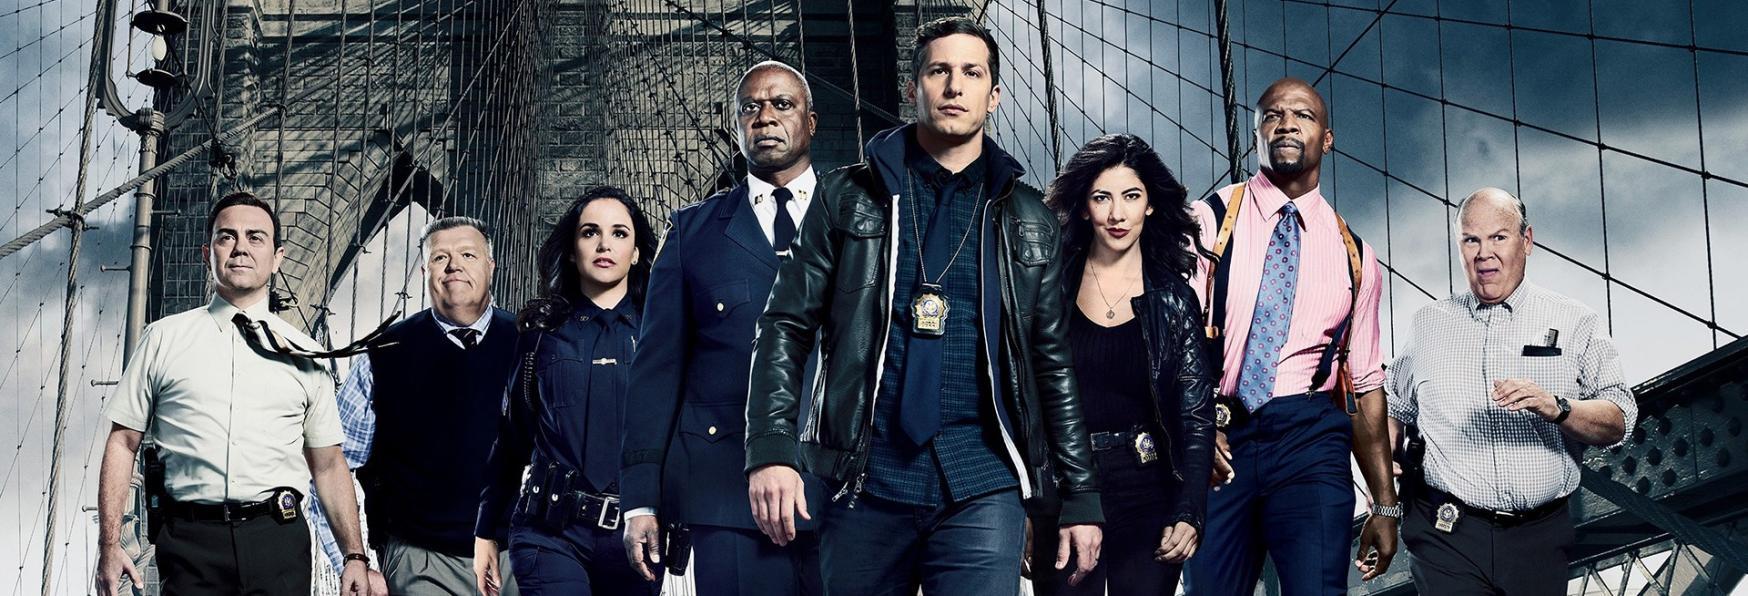 Brooklyn Nine-Nine 8: la nuova Stagione andrà in onda in Anticipo